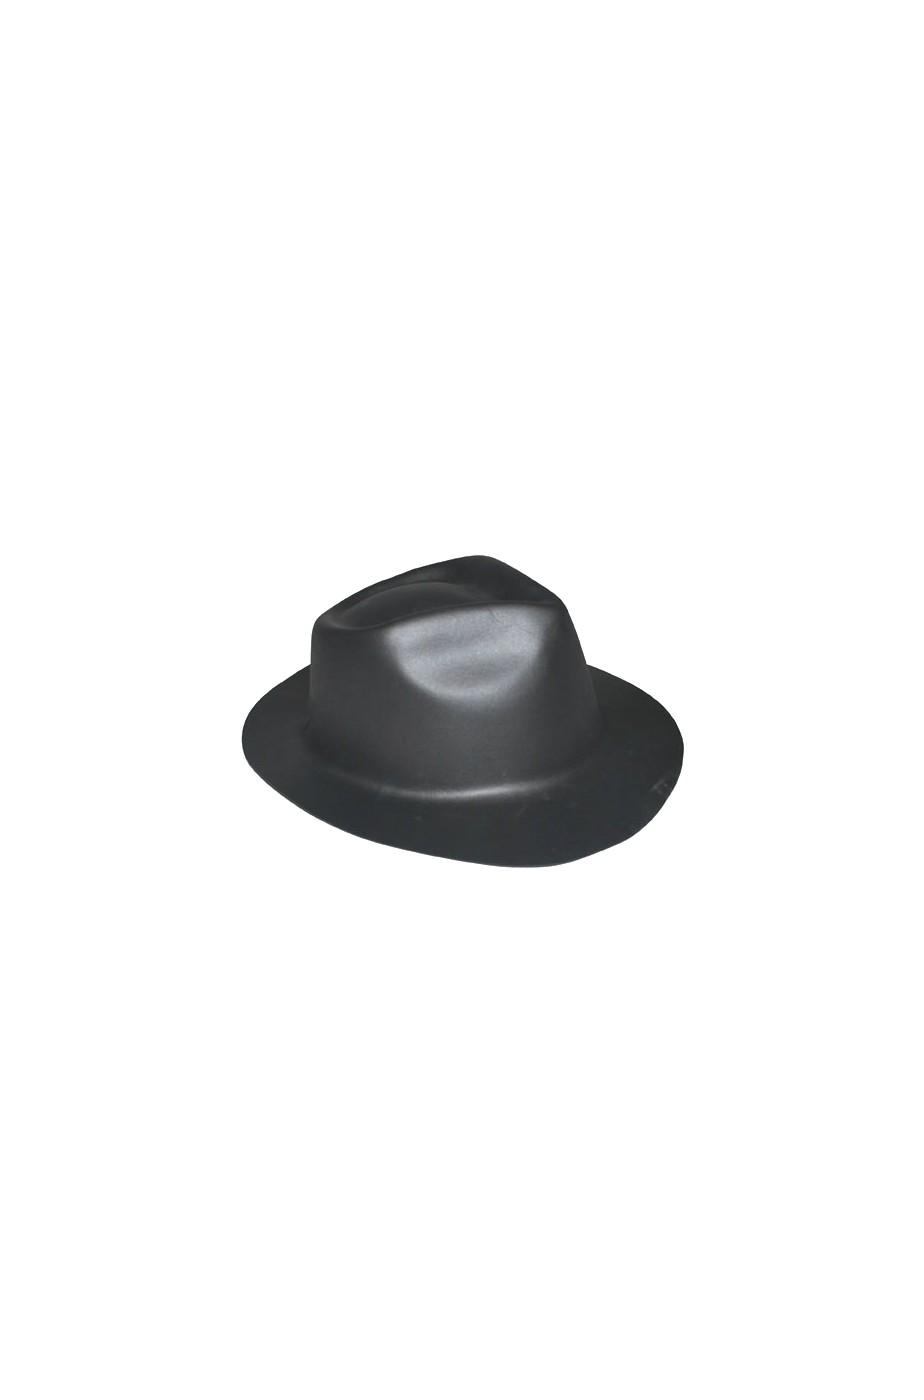 Cappello gangster Al Capone adulto in morbida EVA nero ... b4feca51b16f